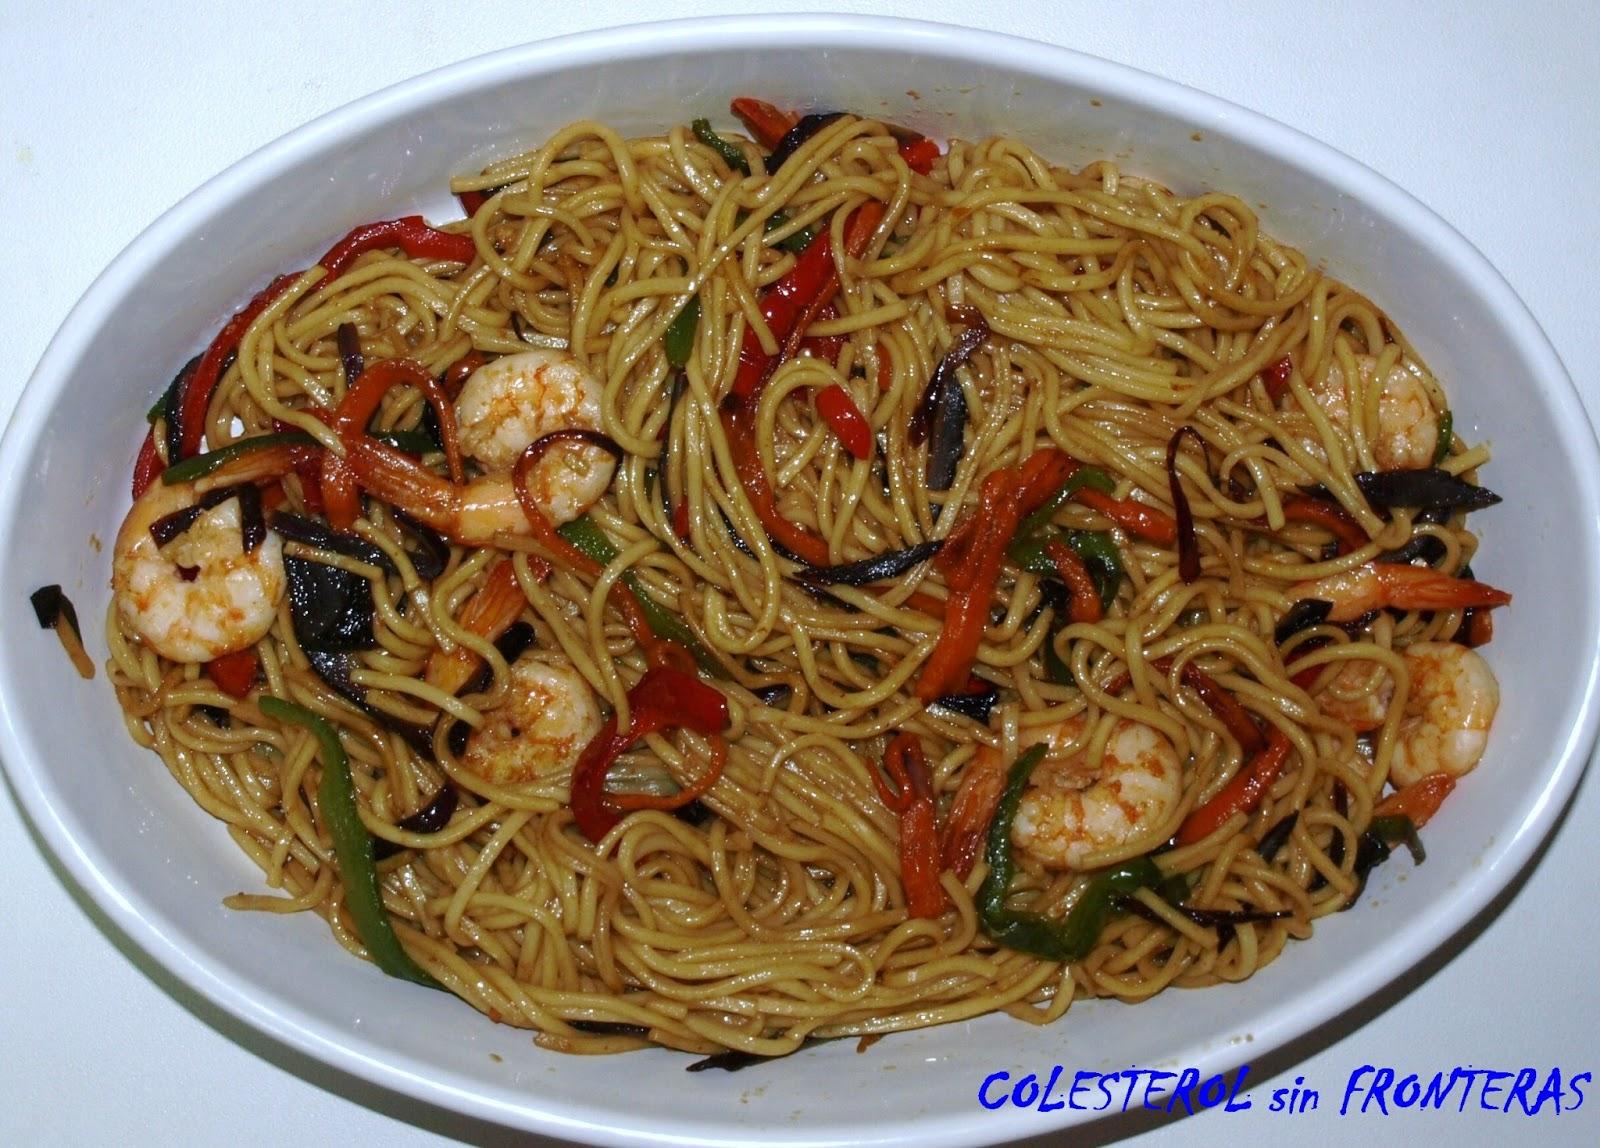 Colesterol sin fronteras fideos chinos con gambas for Cocinar fideos de arroz